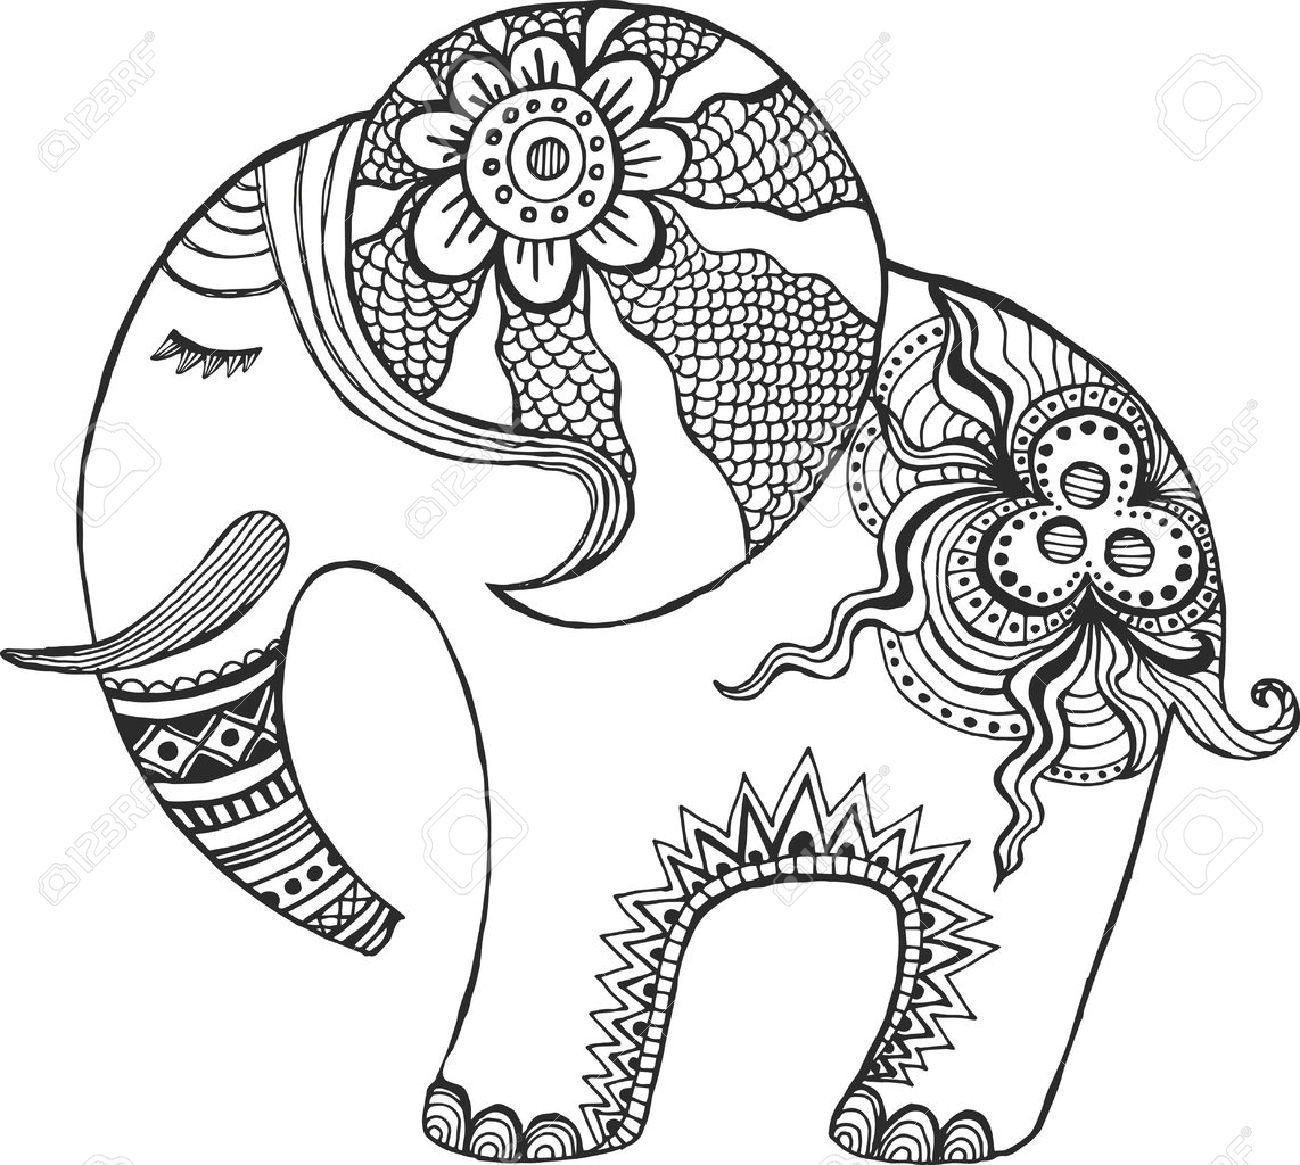 Elefante indio pintado a mano. | Elefantes | Pinterest | Elefante ...